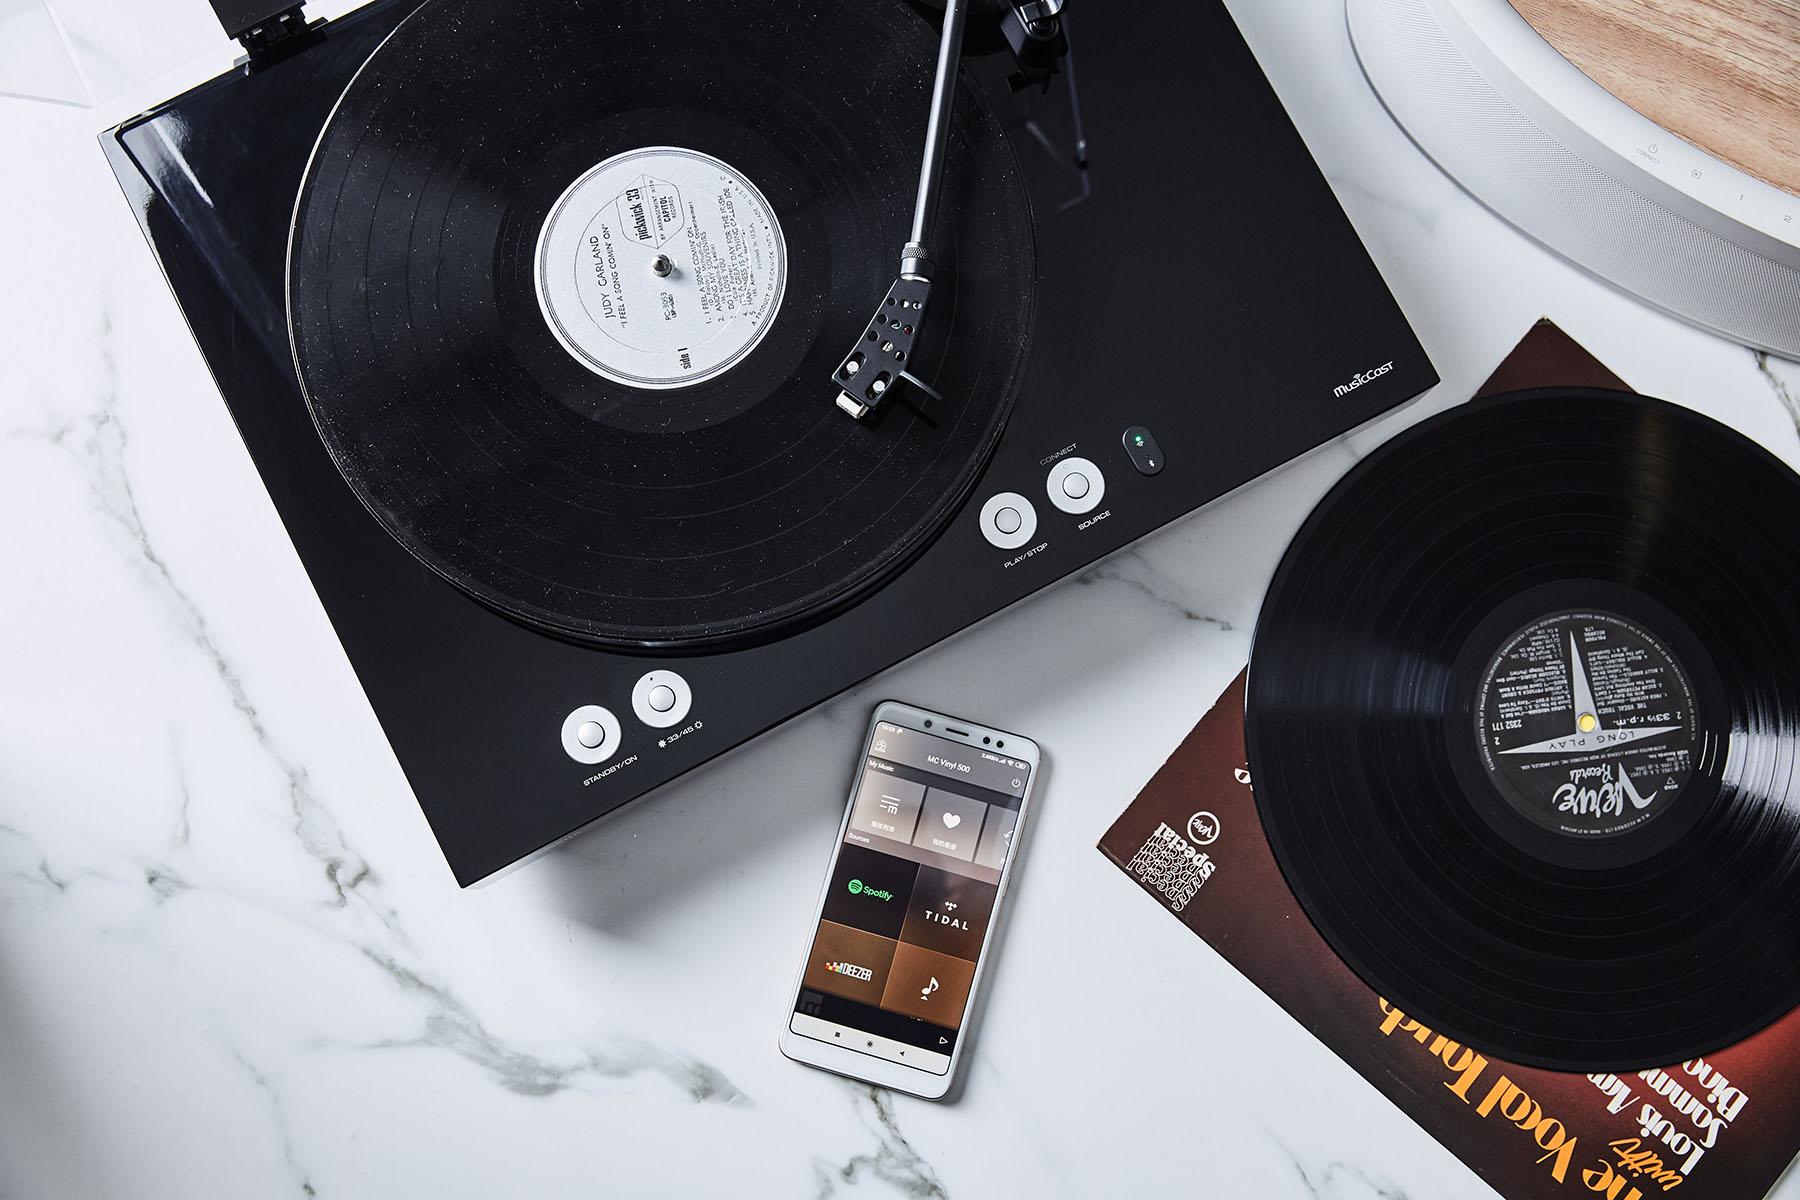 yamaha musiccast vinyl 500 t. Black Bedroom Furniture Sets. Home Design Ideas